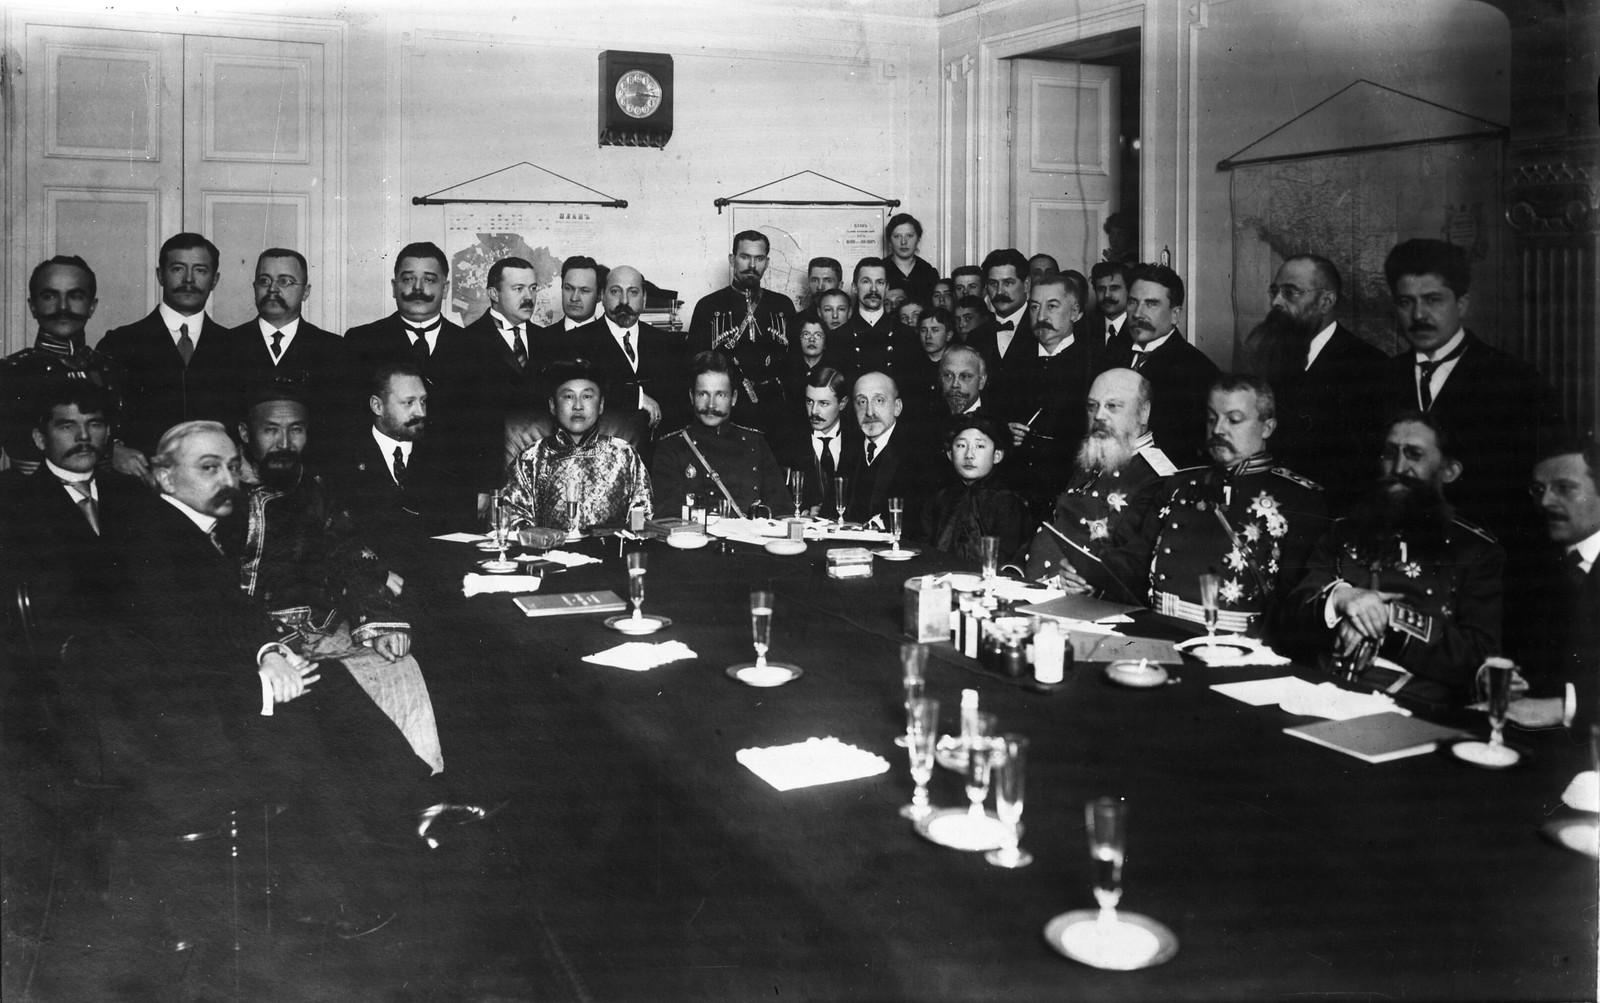 09. 1913. Премьер-министр Монголии Намнансурэн проводит беседу с российскими правительственными чиновниками, Санкт-Петербург